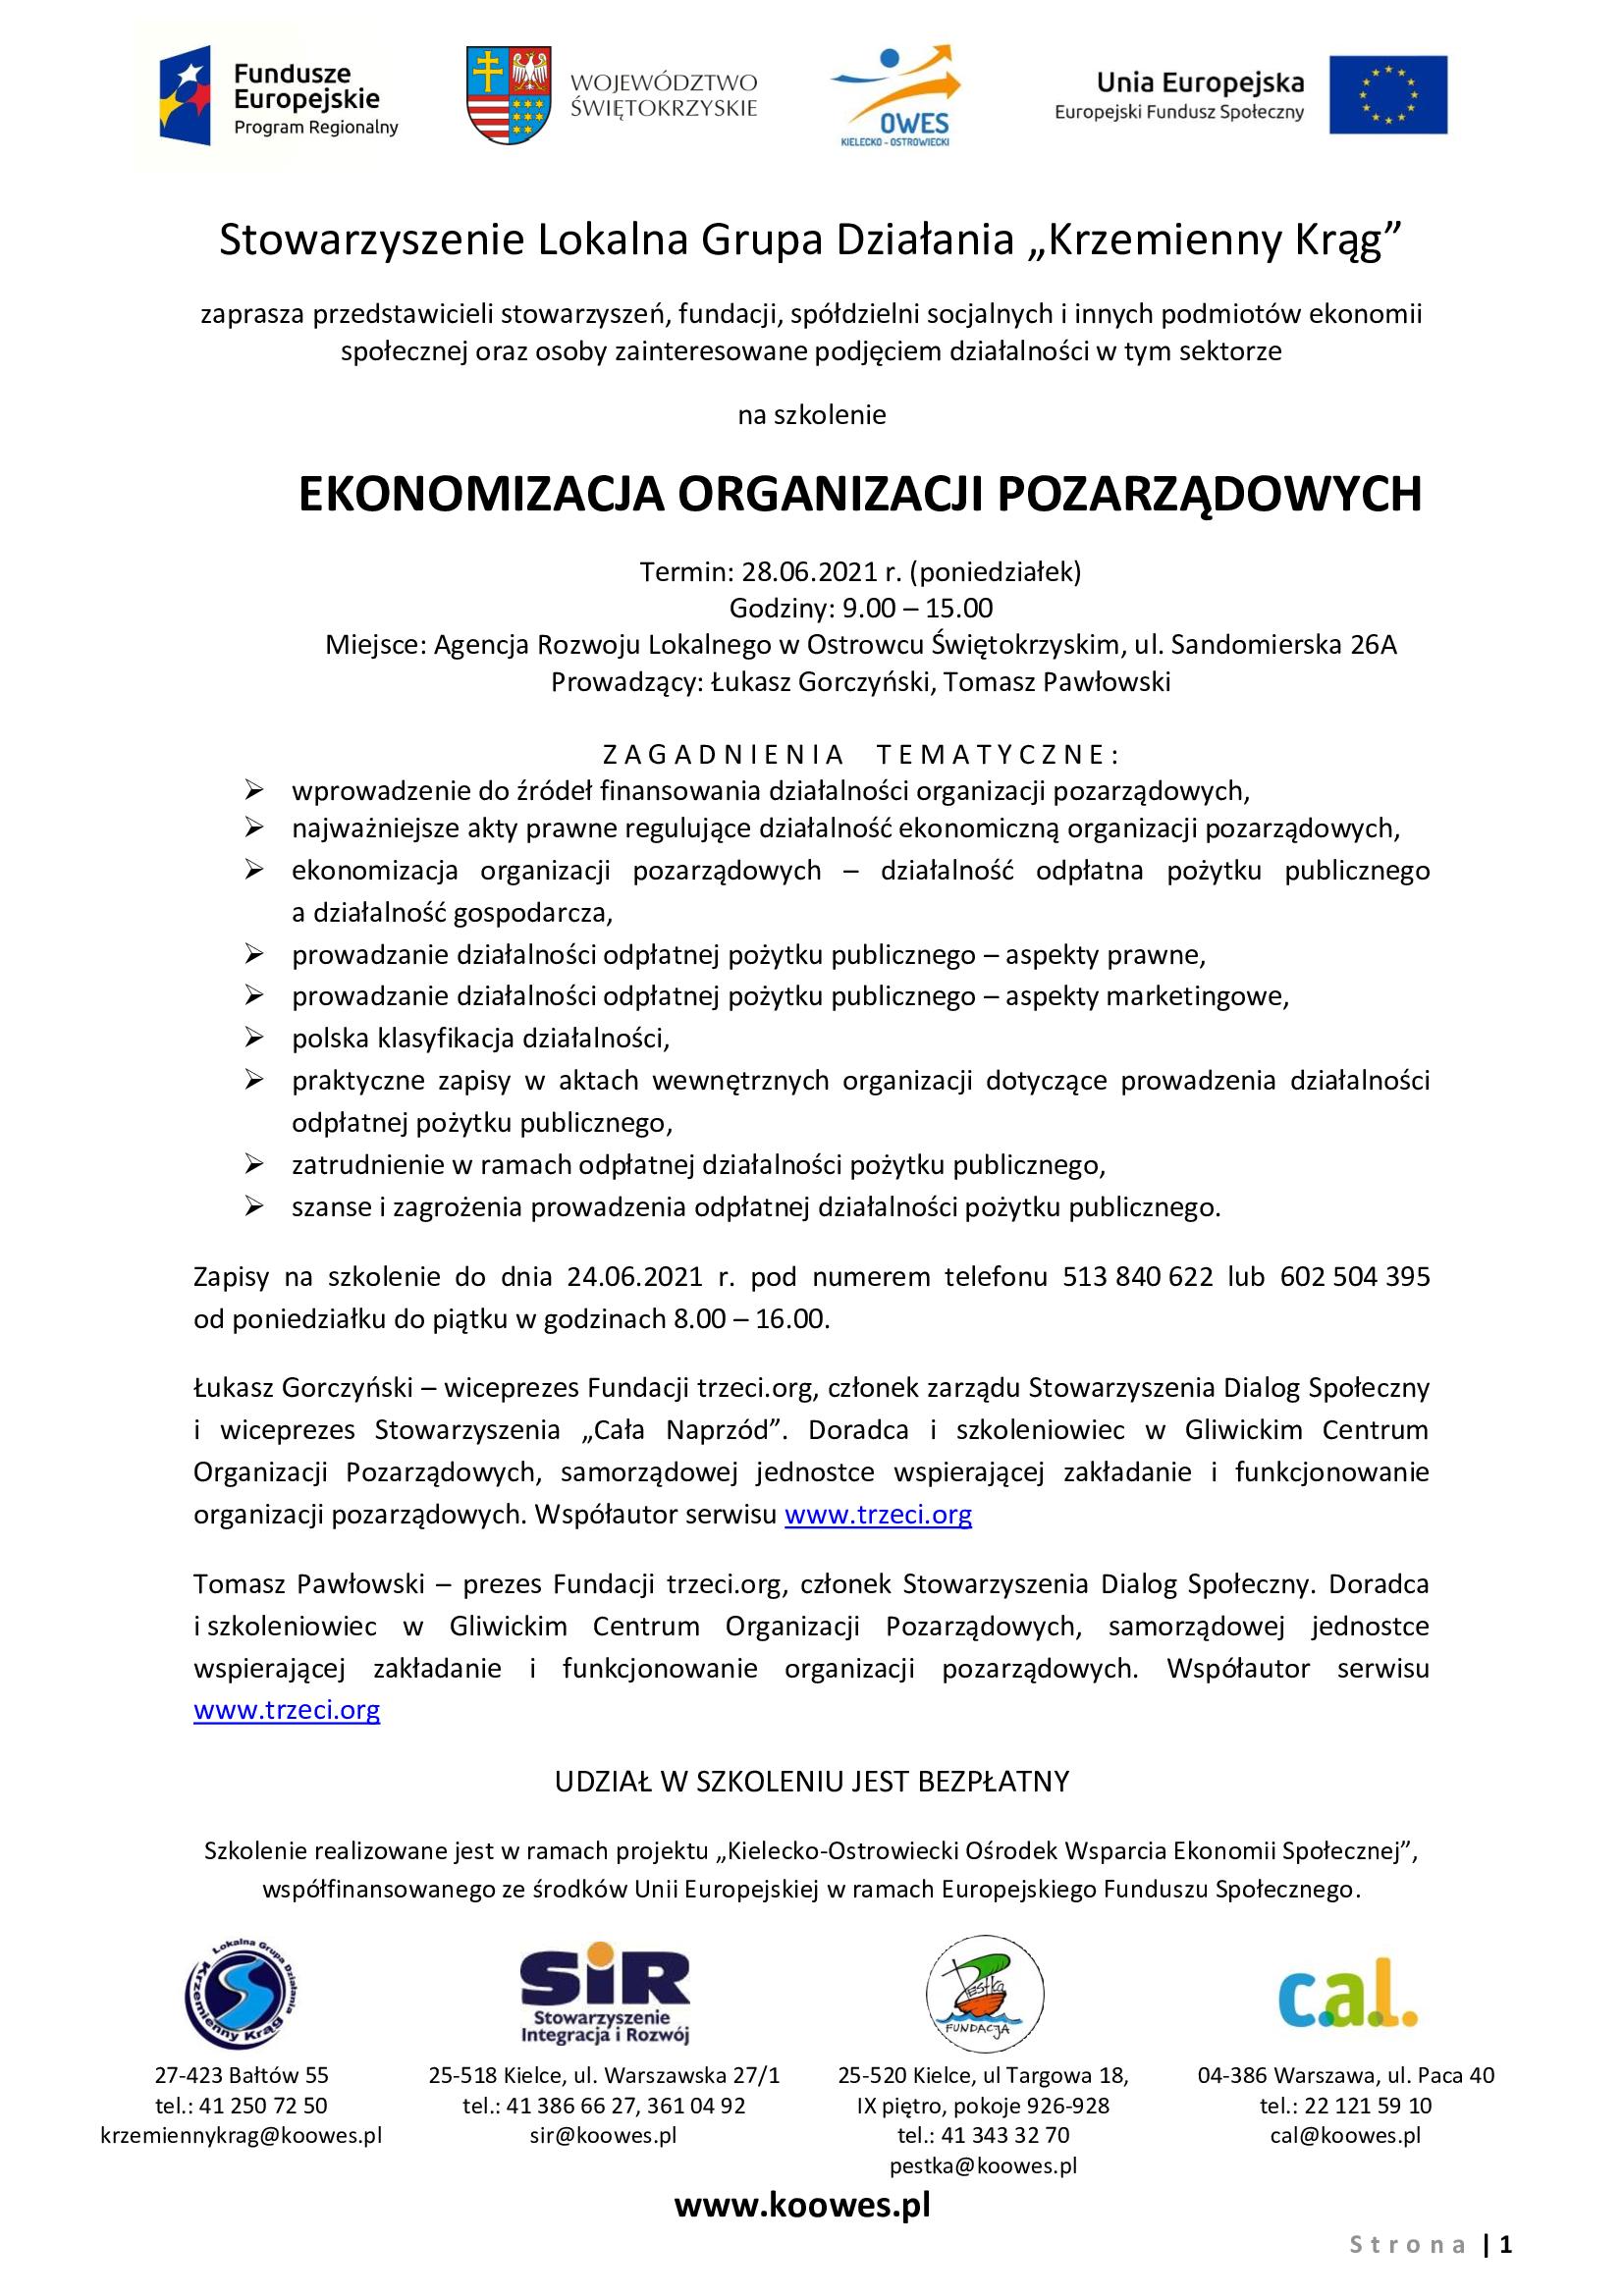 zaproszenie-na-szkolenie-ekonomizacja-28_06_2021